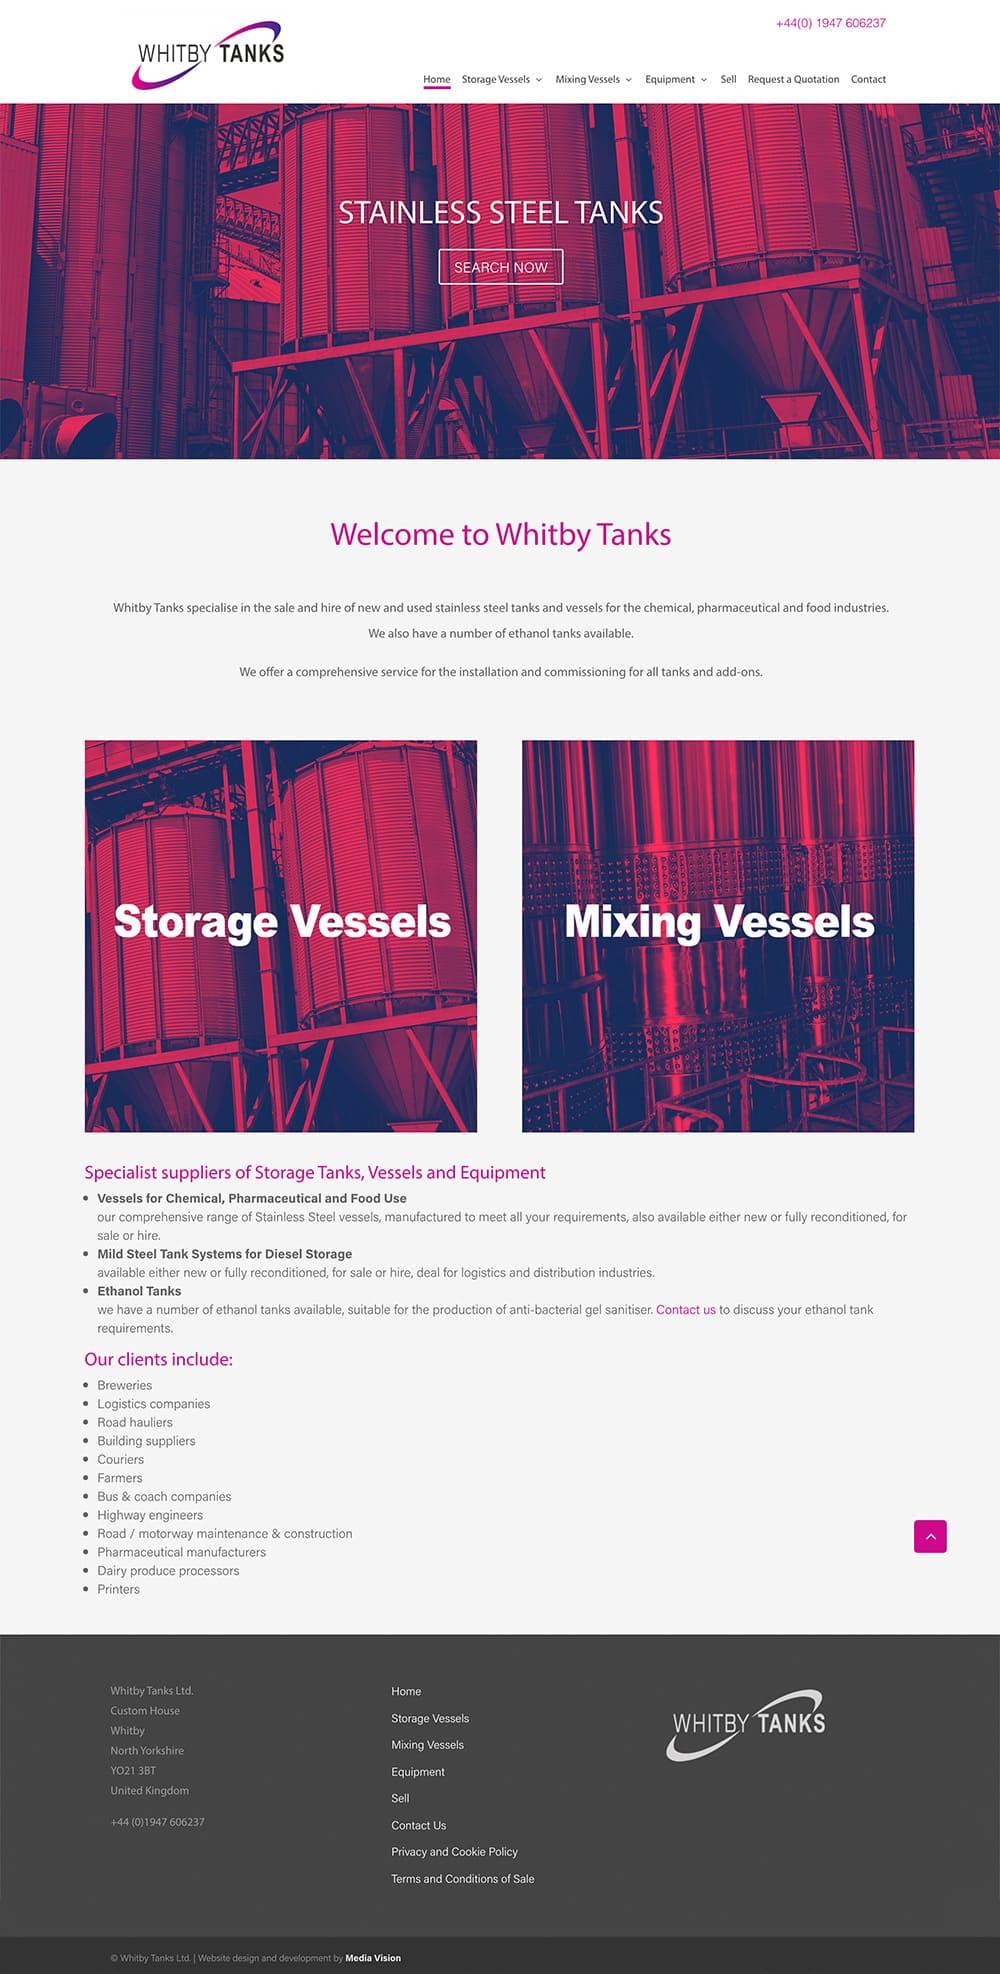 whitby_tanks_website_media_vision